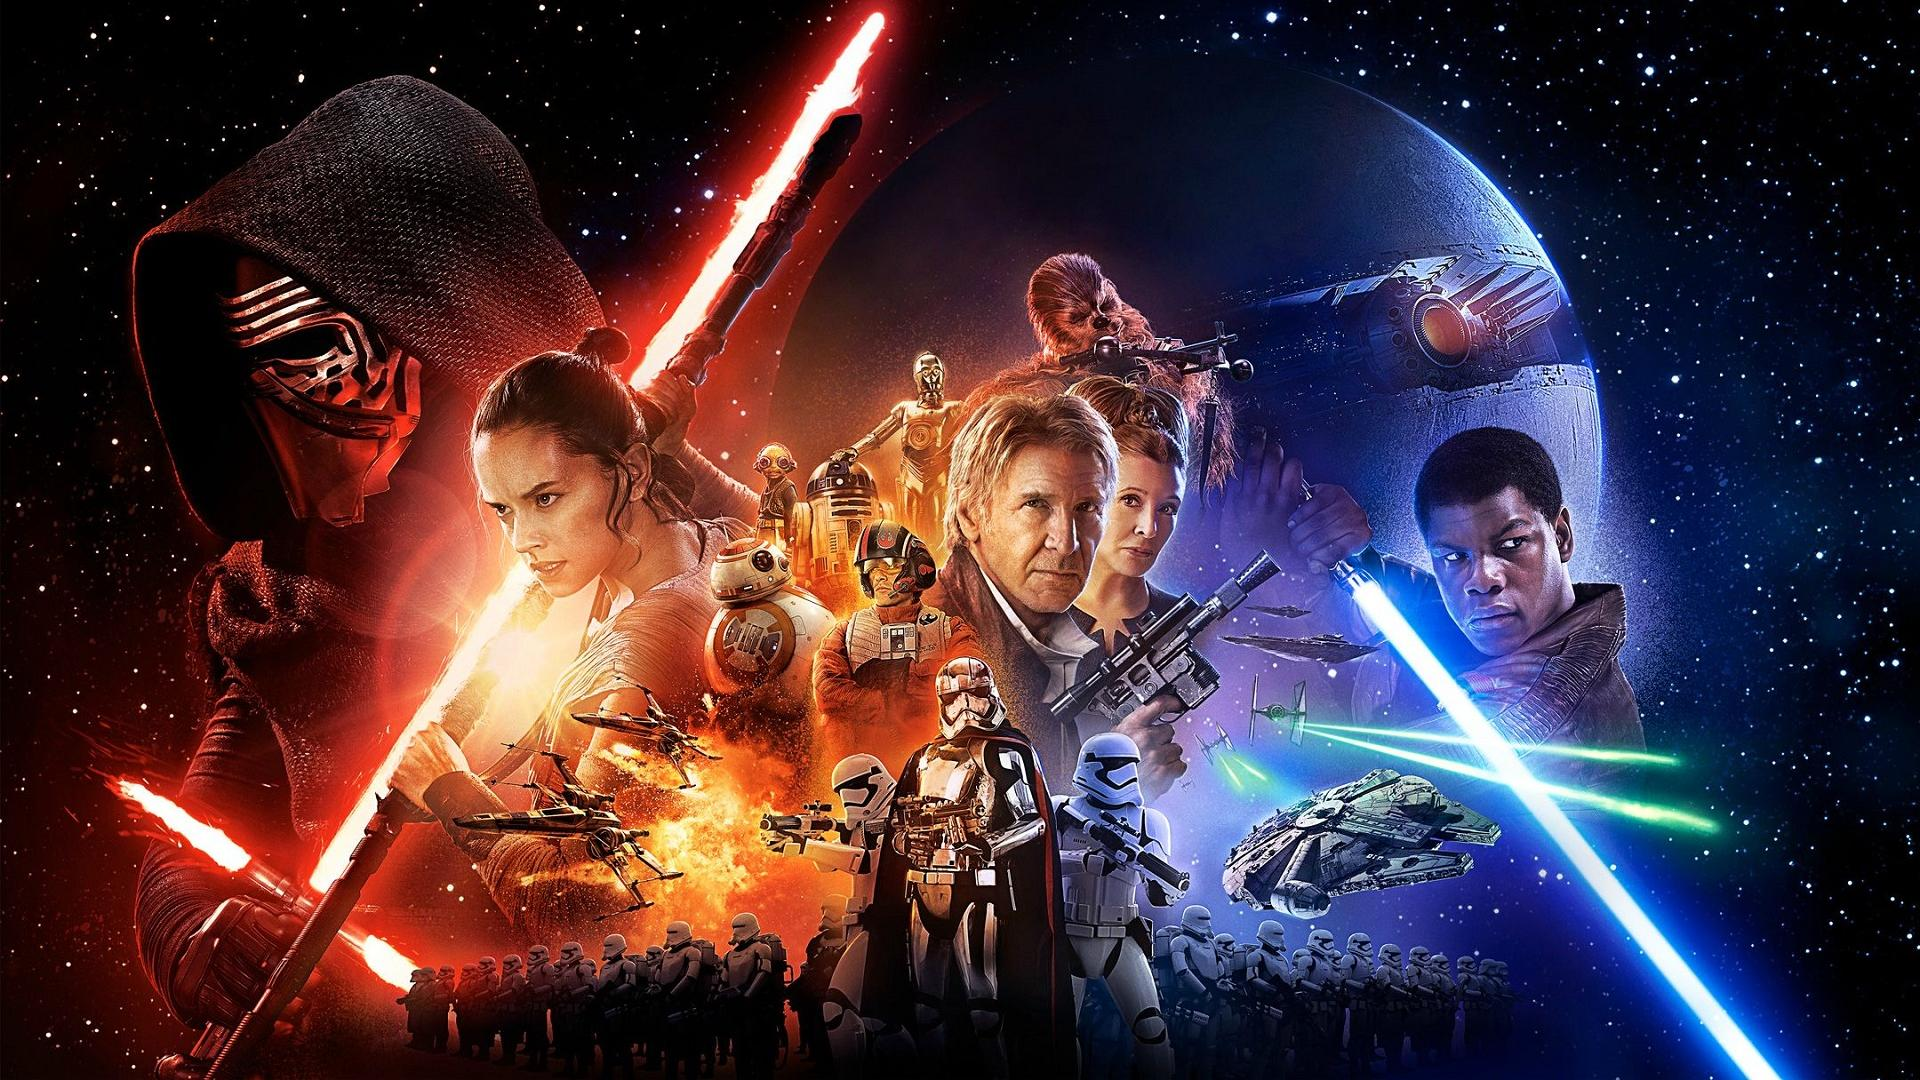 Star Wars: Das Erwachen der Macht (2015) Filmkritik